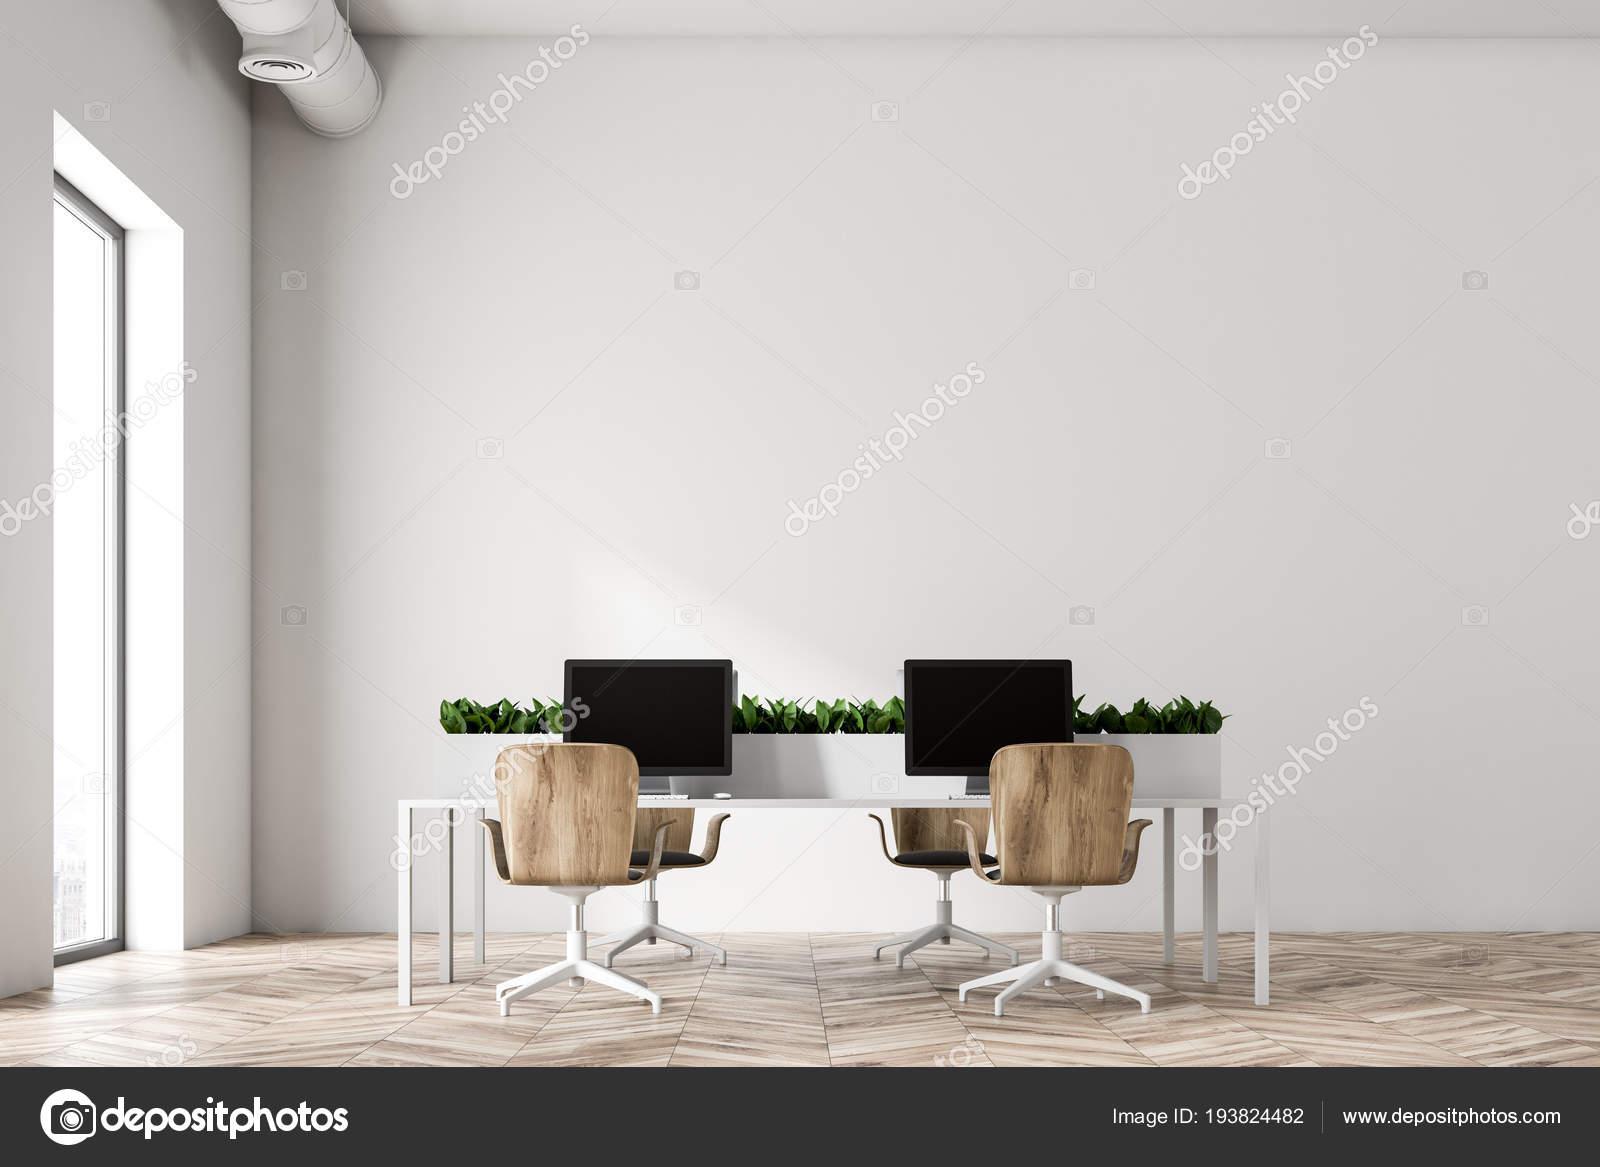 Minimalistische witte kantoor interieur met twee witte tafels